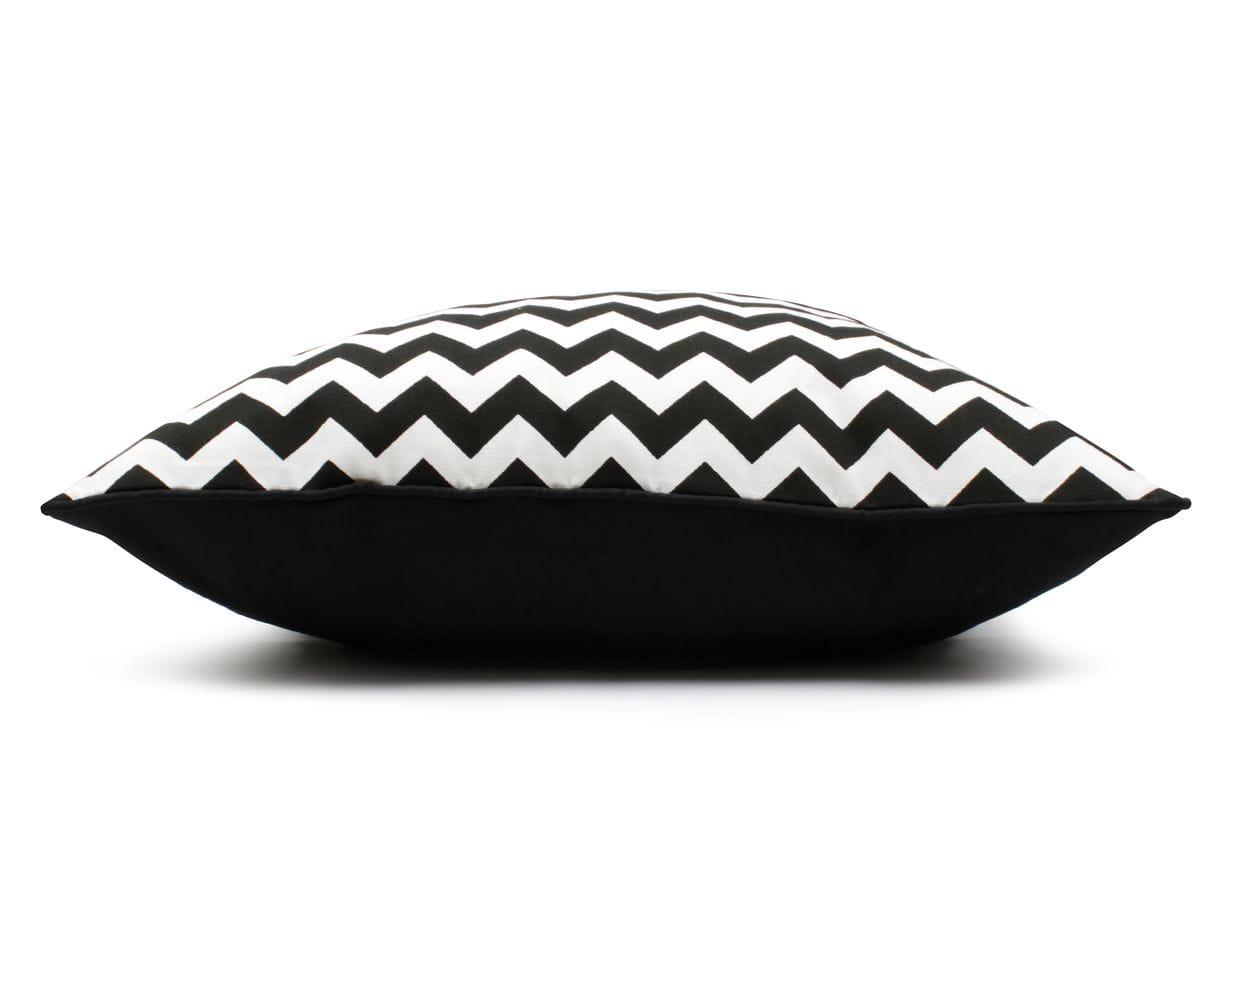 Poduszka dekoracyjna w czarno-biały zygzak idealnie wkomponuje się zarówno w pomieszczenia urządzone w stylu minimalistycznym, zwracając główną uwagę, jak i we wnętrza o charakterze pop art. Zestawienie czerni i bieli to ponadczasowe rozwiązanie aranżacyjne, które nigdy nie wychodzi z mody. Kolor: Czarny, biały Dostępne rozmiary : 40x60 cm - pasuje do niej wkład jedwabny 45x65 cm 60x60 cm - pasuje do niej wkład jedwabny 65x65 cm Tkanina: Bawełna Wymiary produktów wykonanych z tkanin objęte są tolerancją w granicach +/- 2 cm na długości i szerokości.